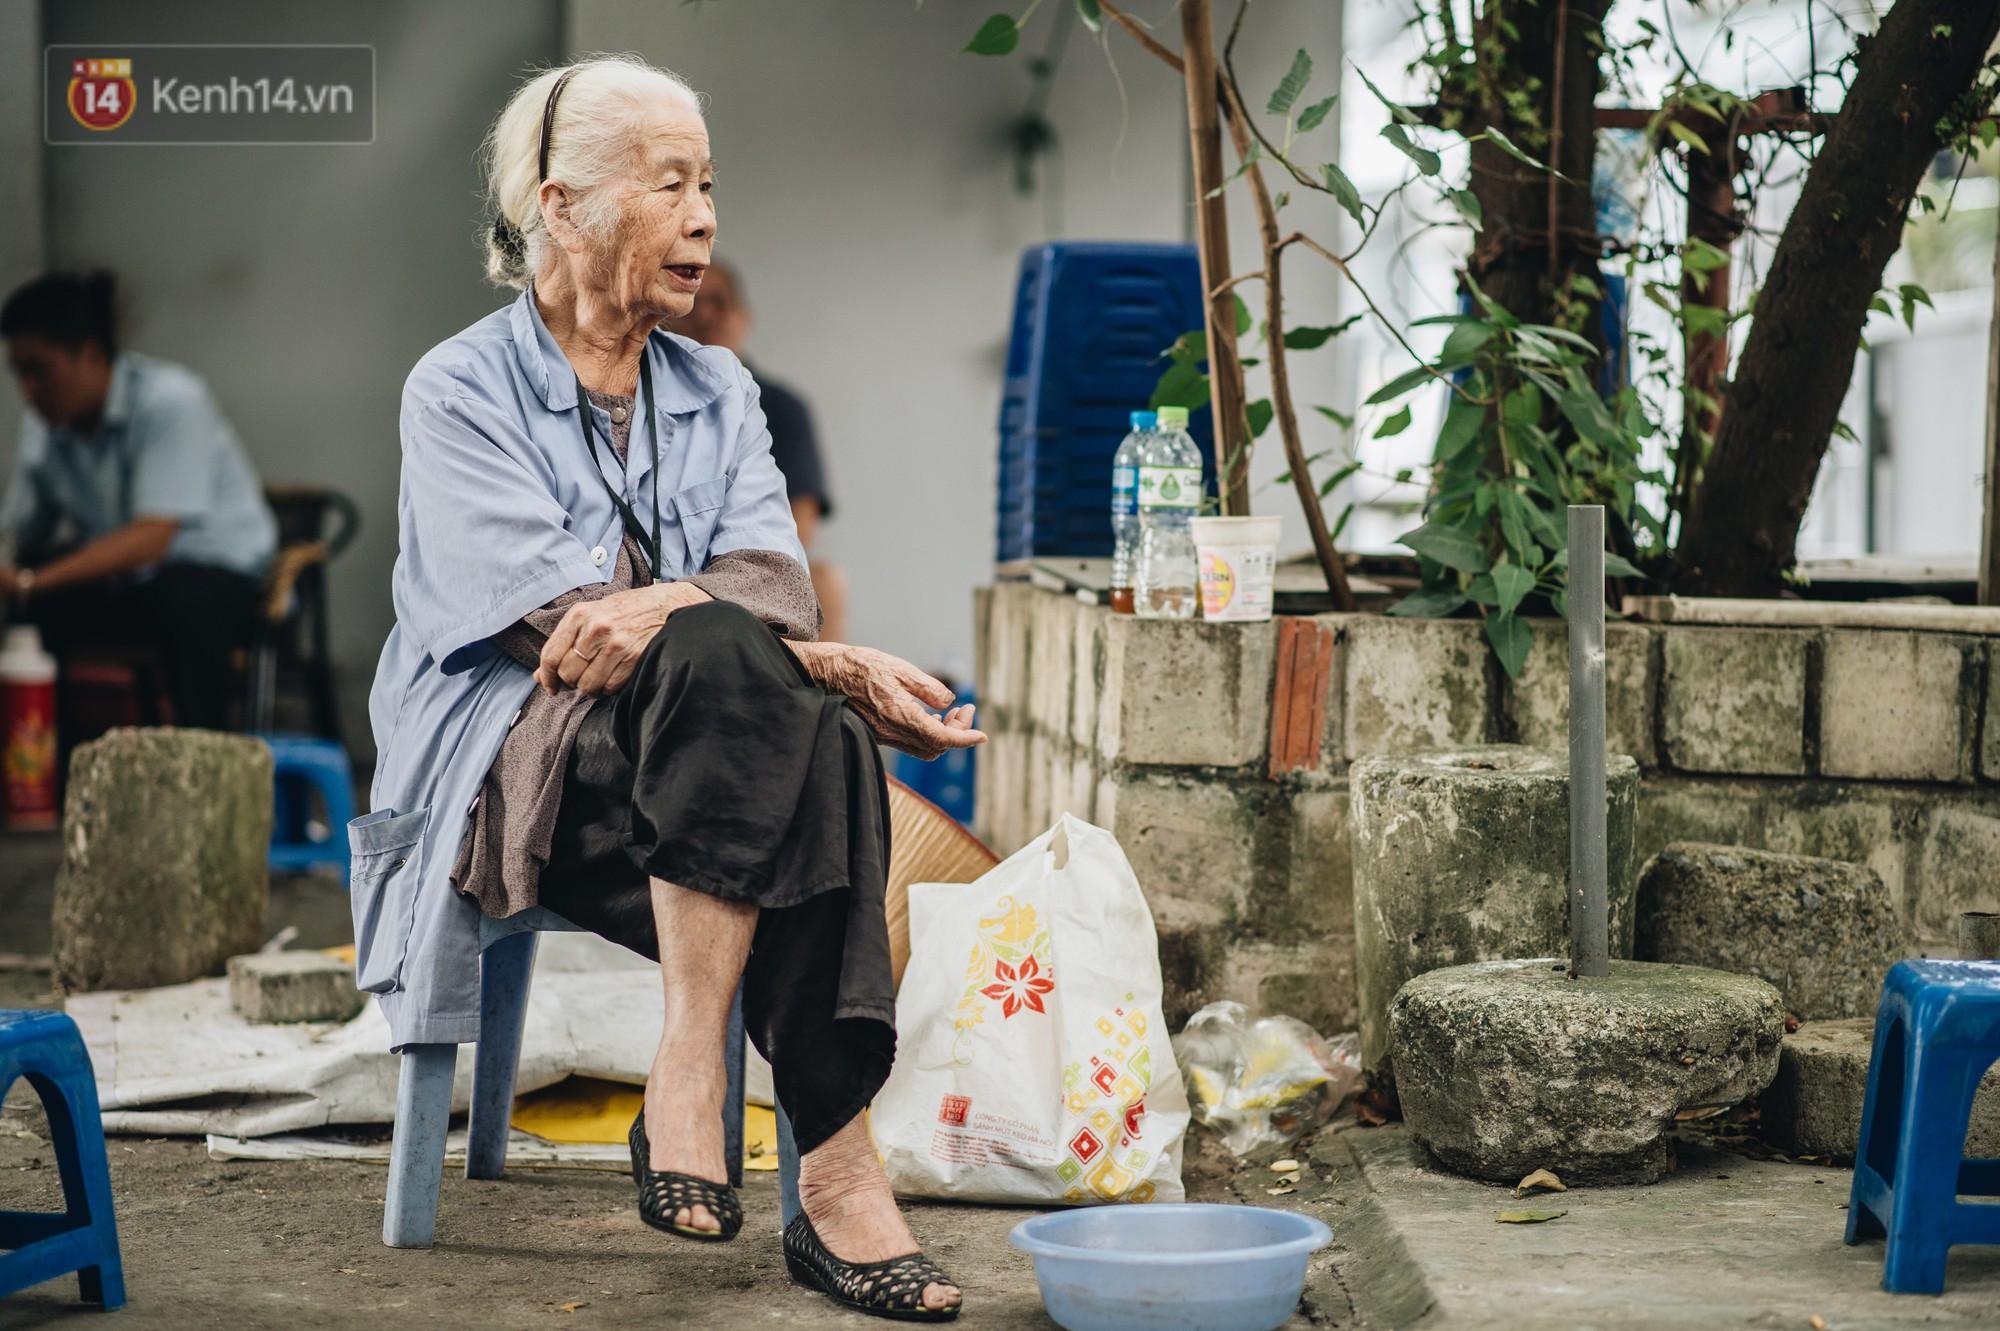 Cụ bà được mệnh danh nữ hùng vá săm vỉa hè Hà Nội: Nghỉ hưu sau 21 năm vá xe, bỏ rượu bia để sống khoẻ mạnh - Ảnh 5.